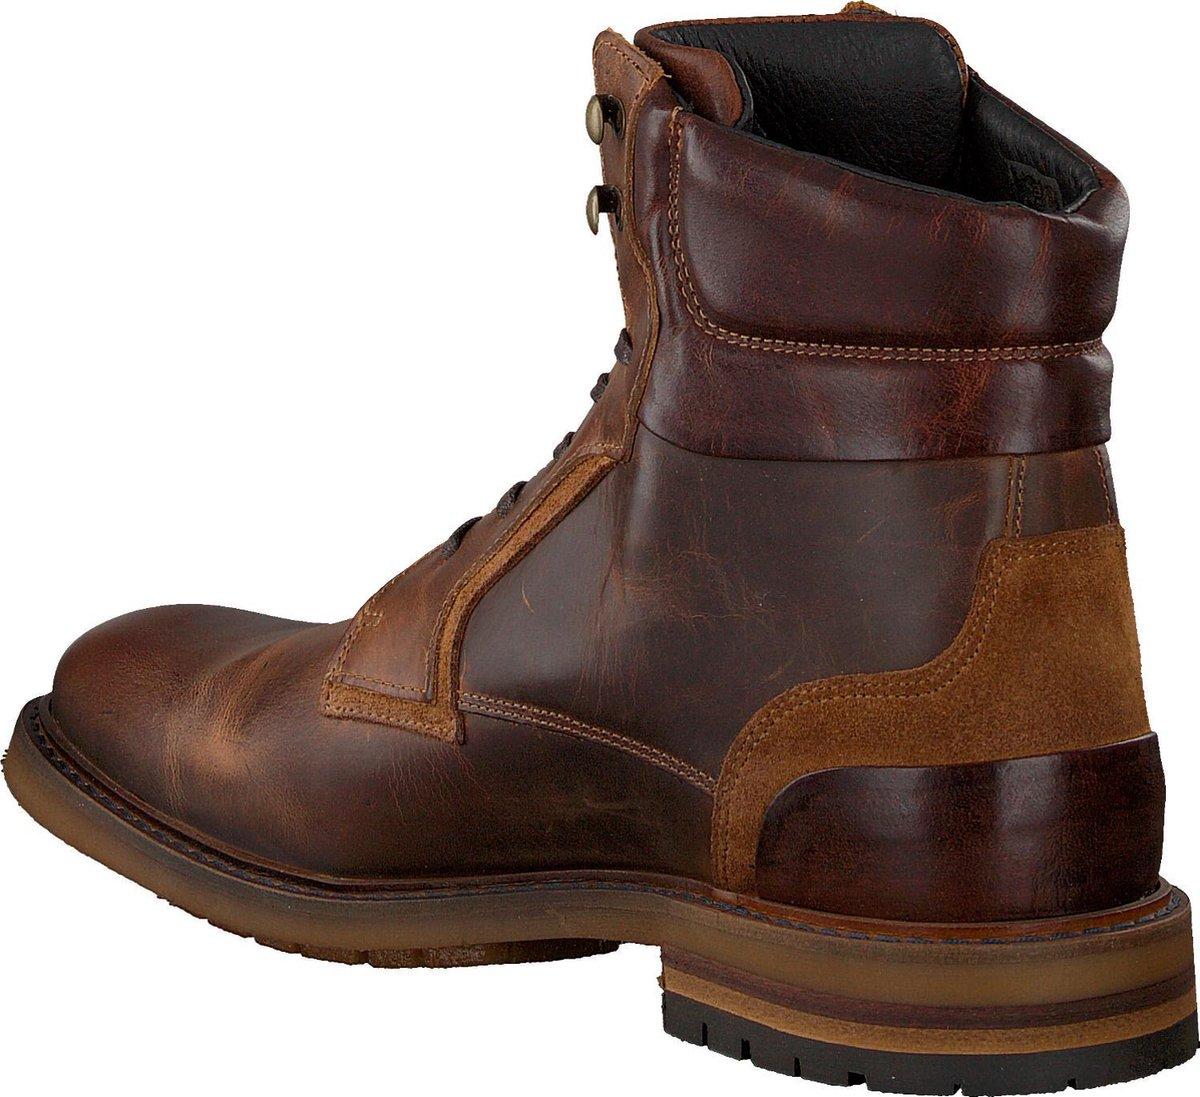 Mazzeltov Heren Veterboots J4997 - Bruin - Maat 42 Boots